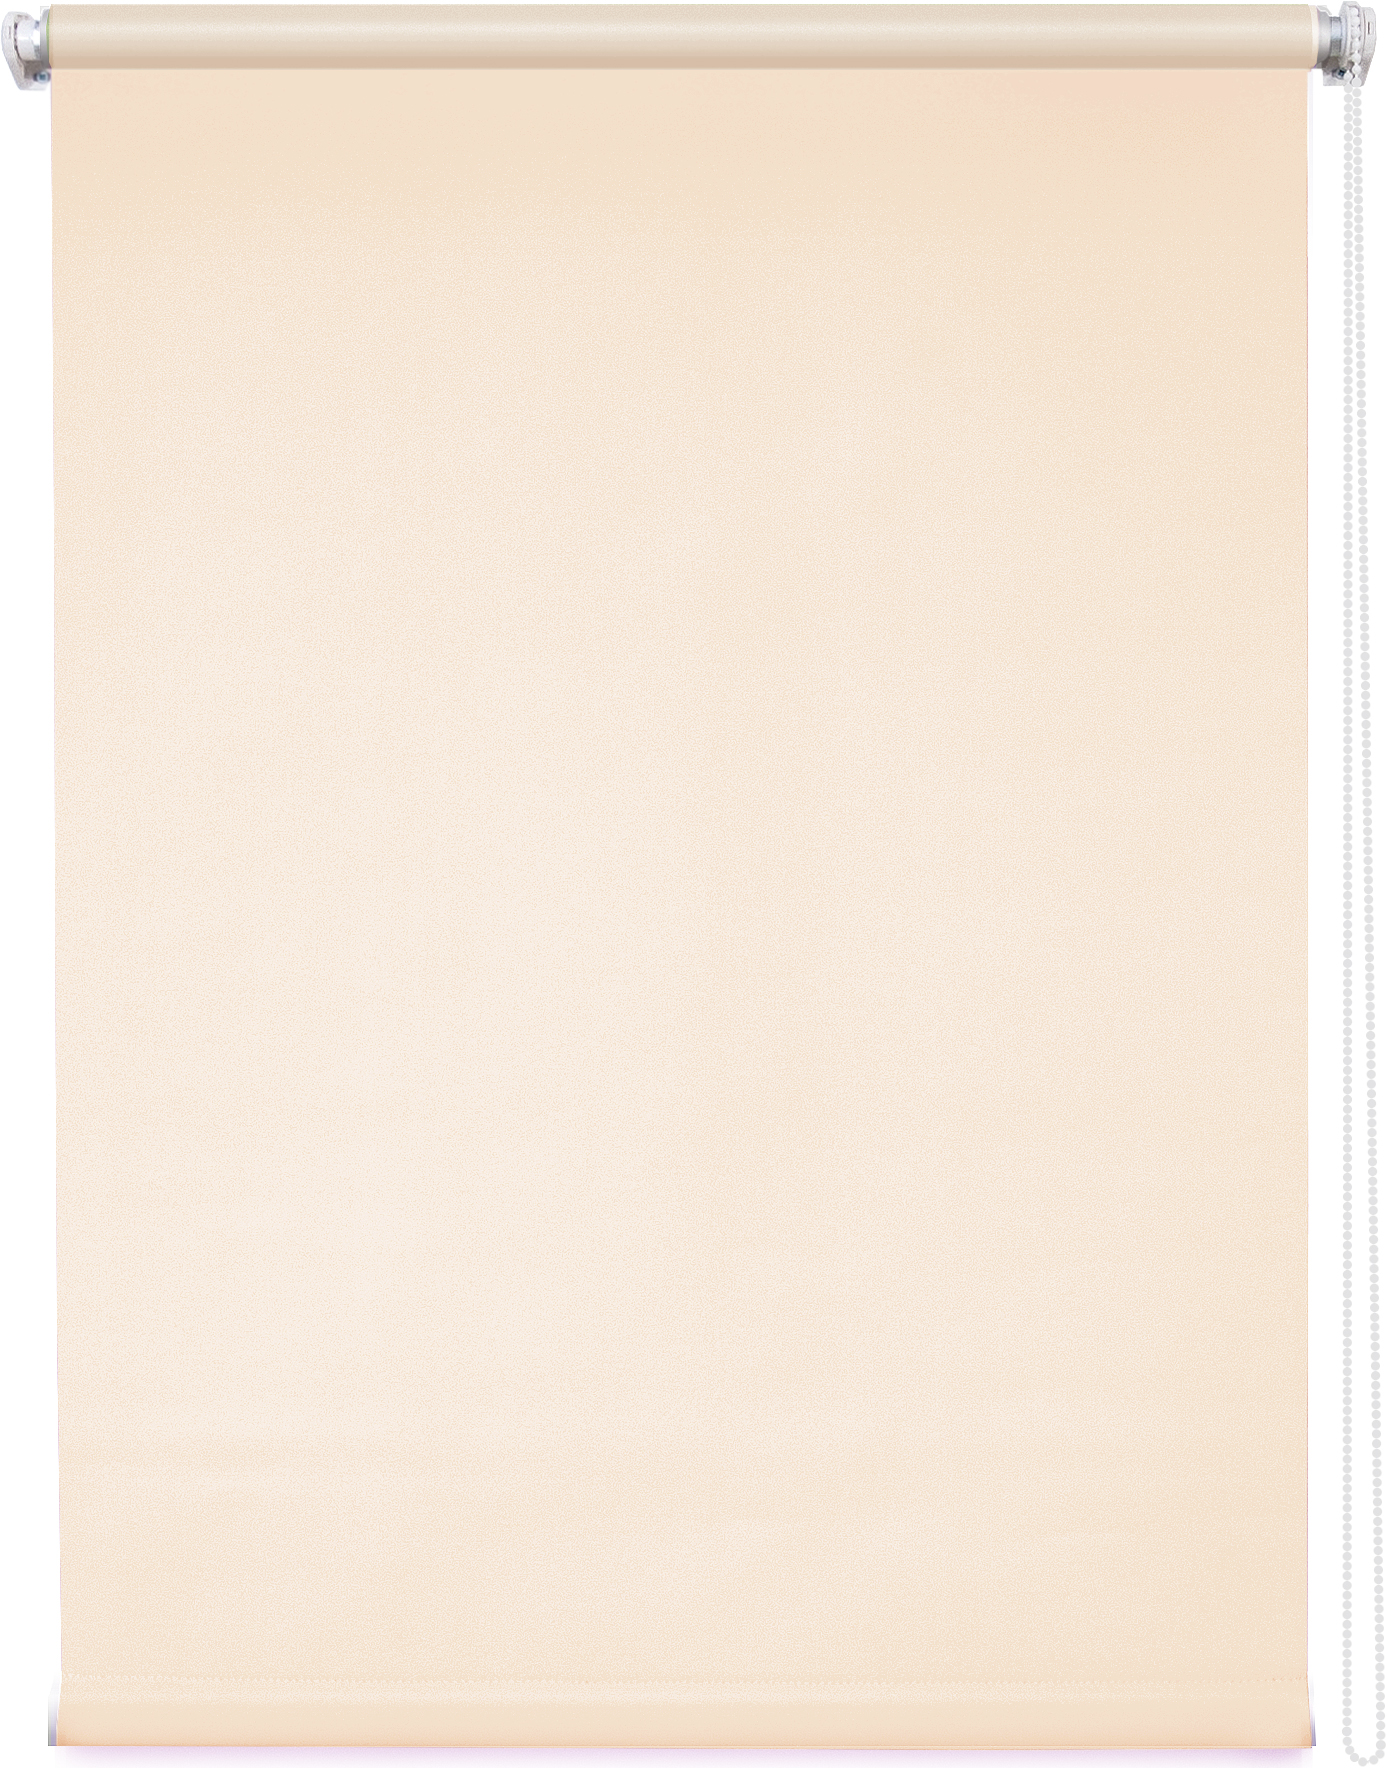 Купить Римские и рулонные шторы Уют, Рулонные шторы Плайн Цвет: Пудровый, Россия, Персиковый, Портьерная ткань